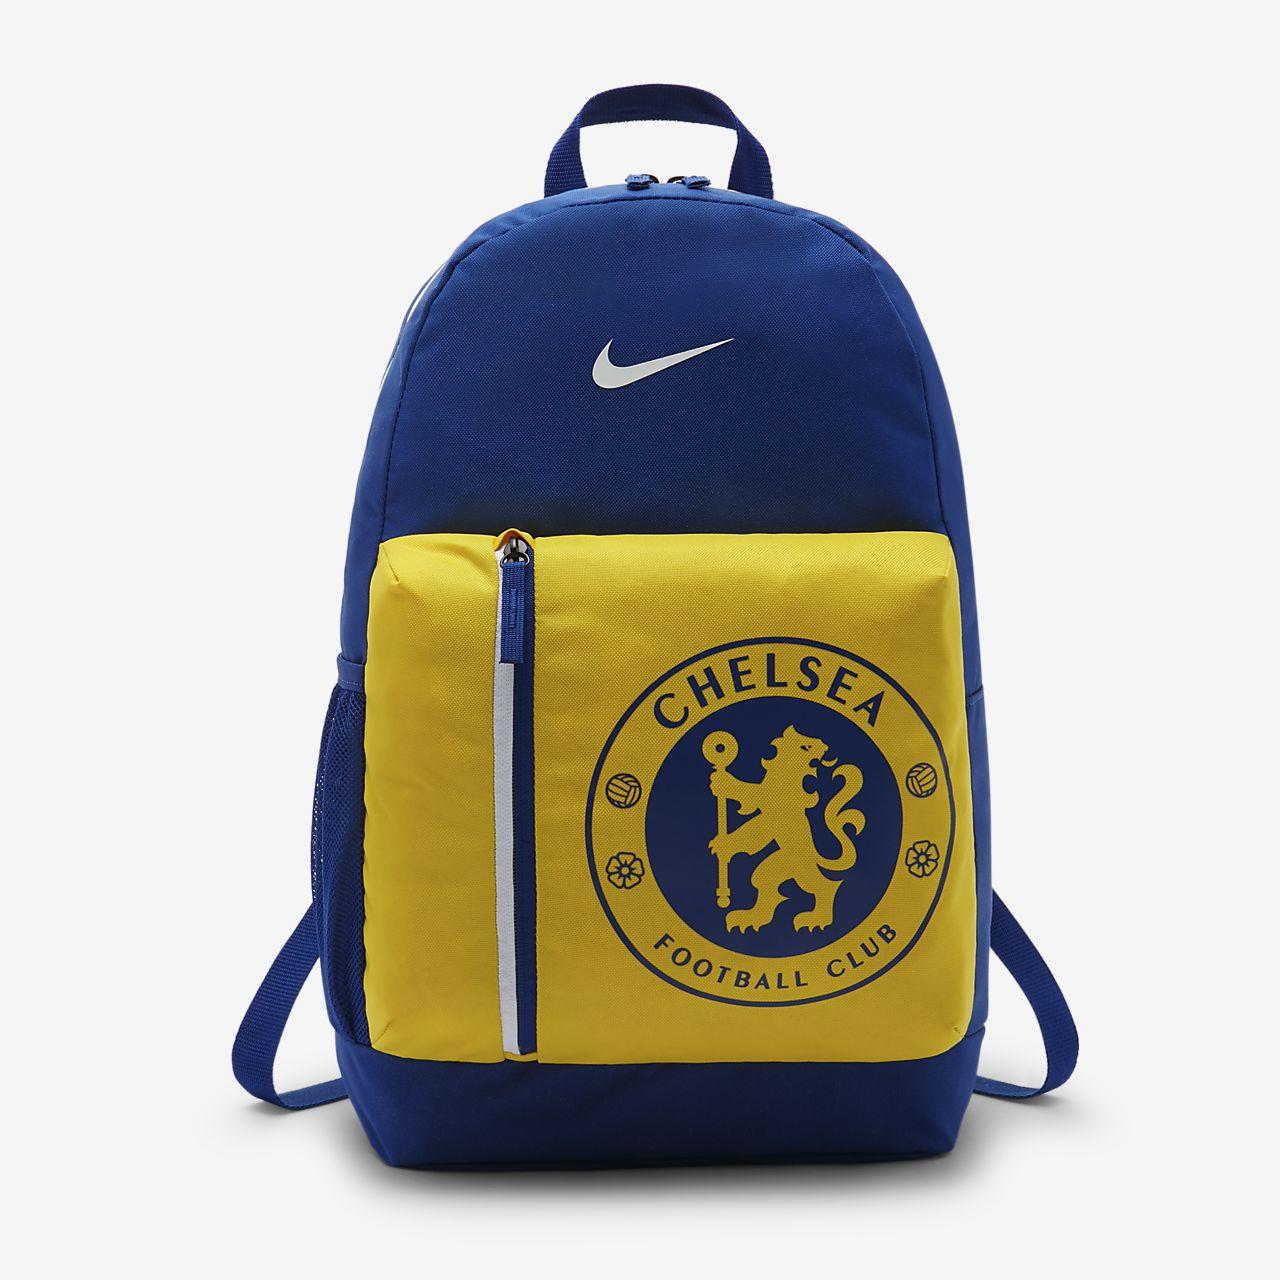 Chelsea FC Stadium Kids' Football Backpack